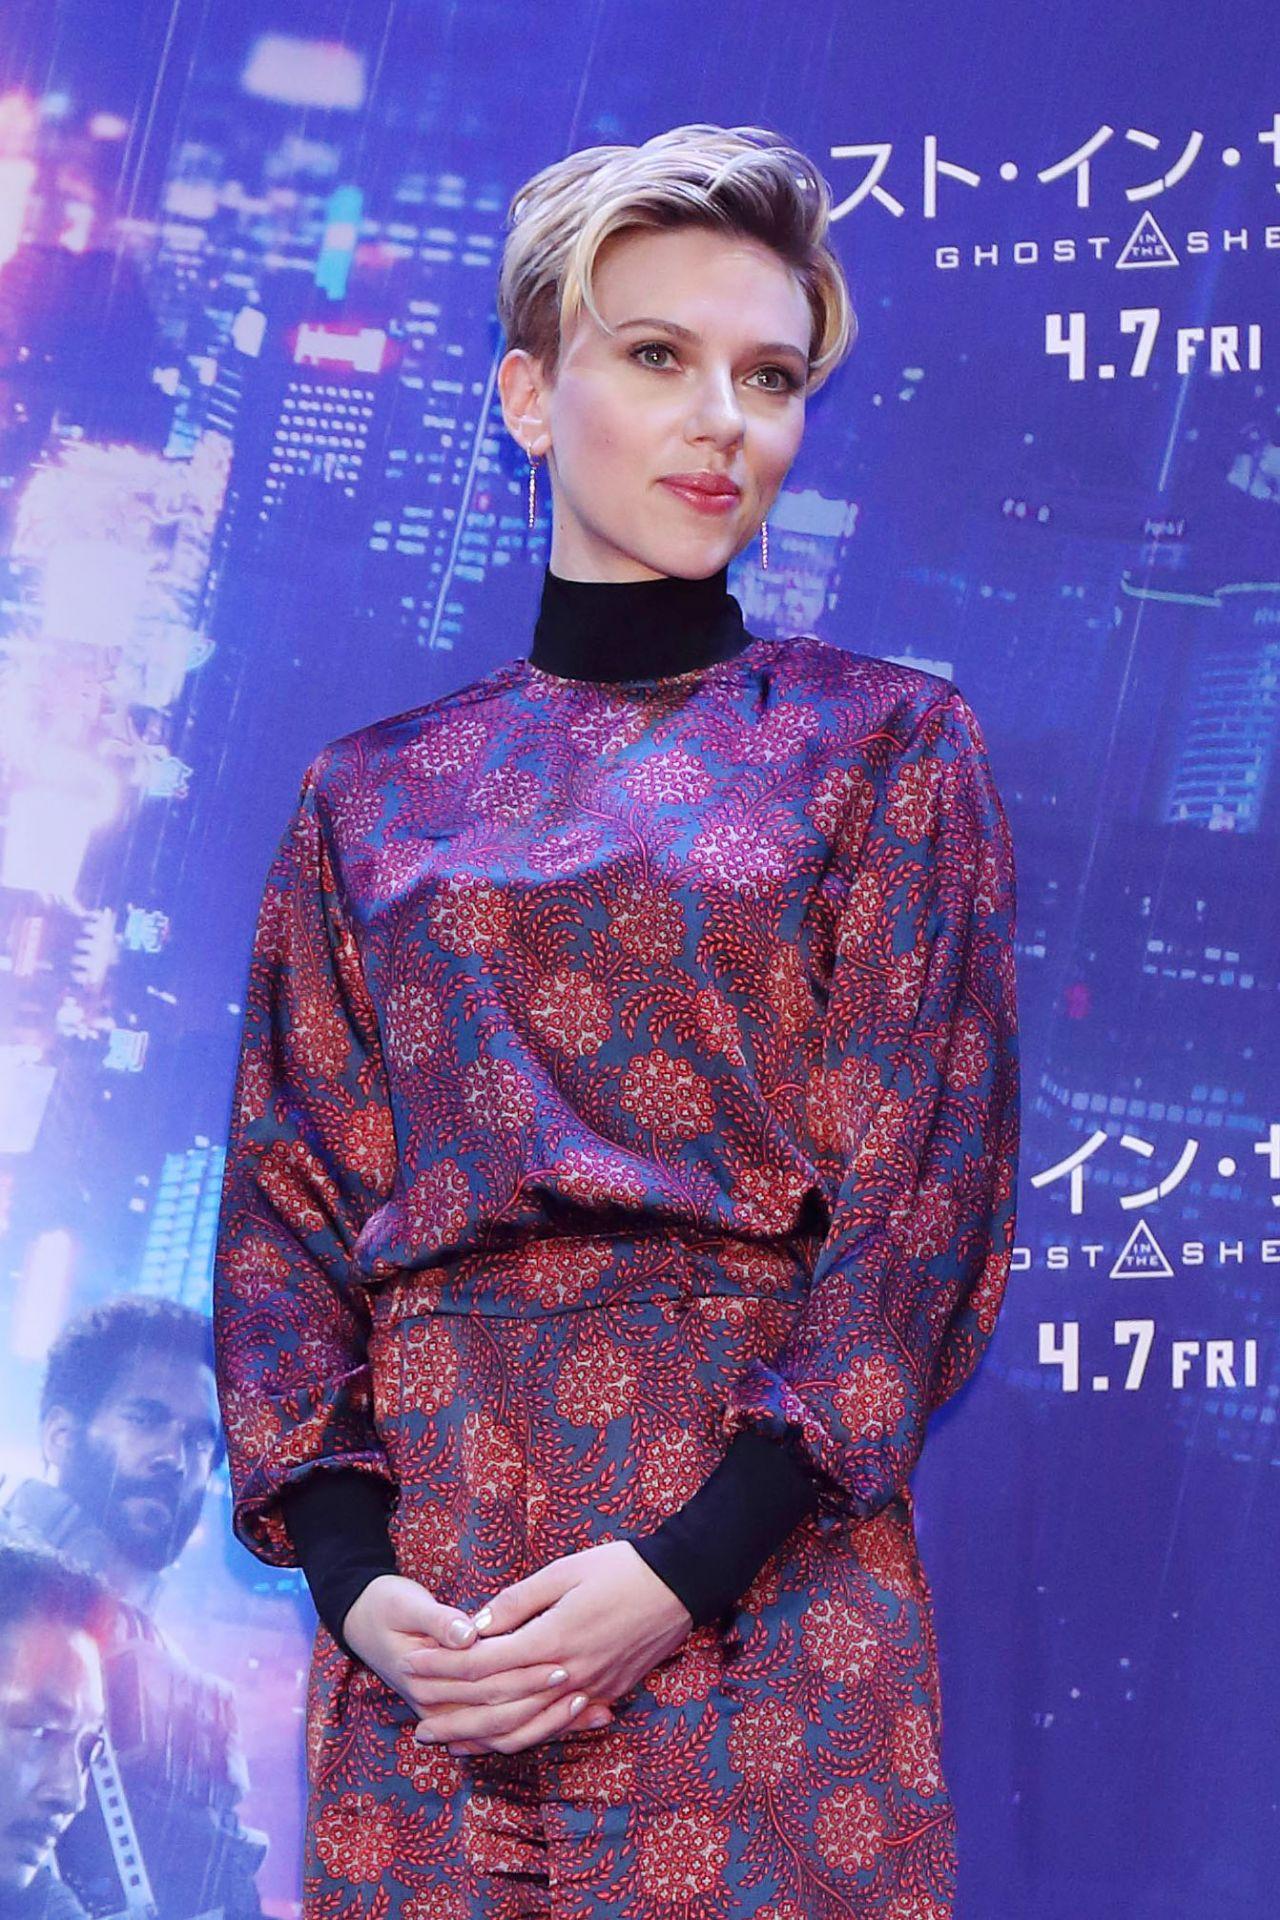 Scarlett Johansson Ghost In The Shell Premiere In Tokyo